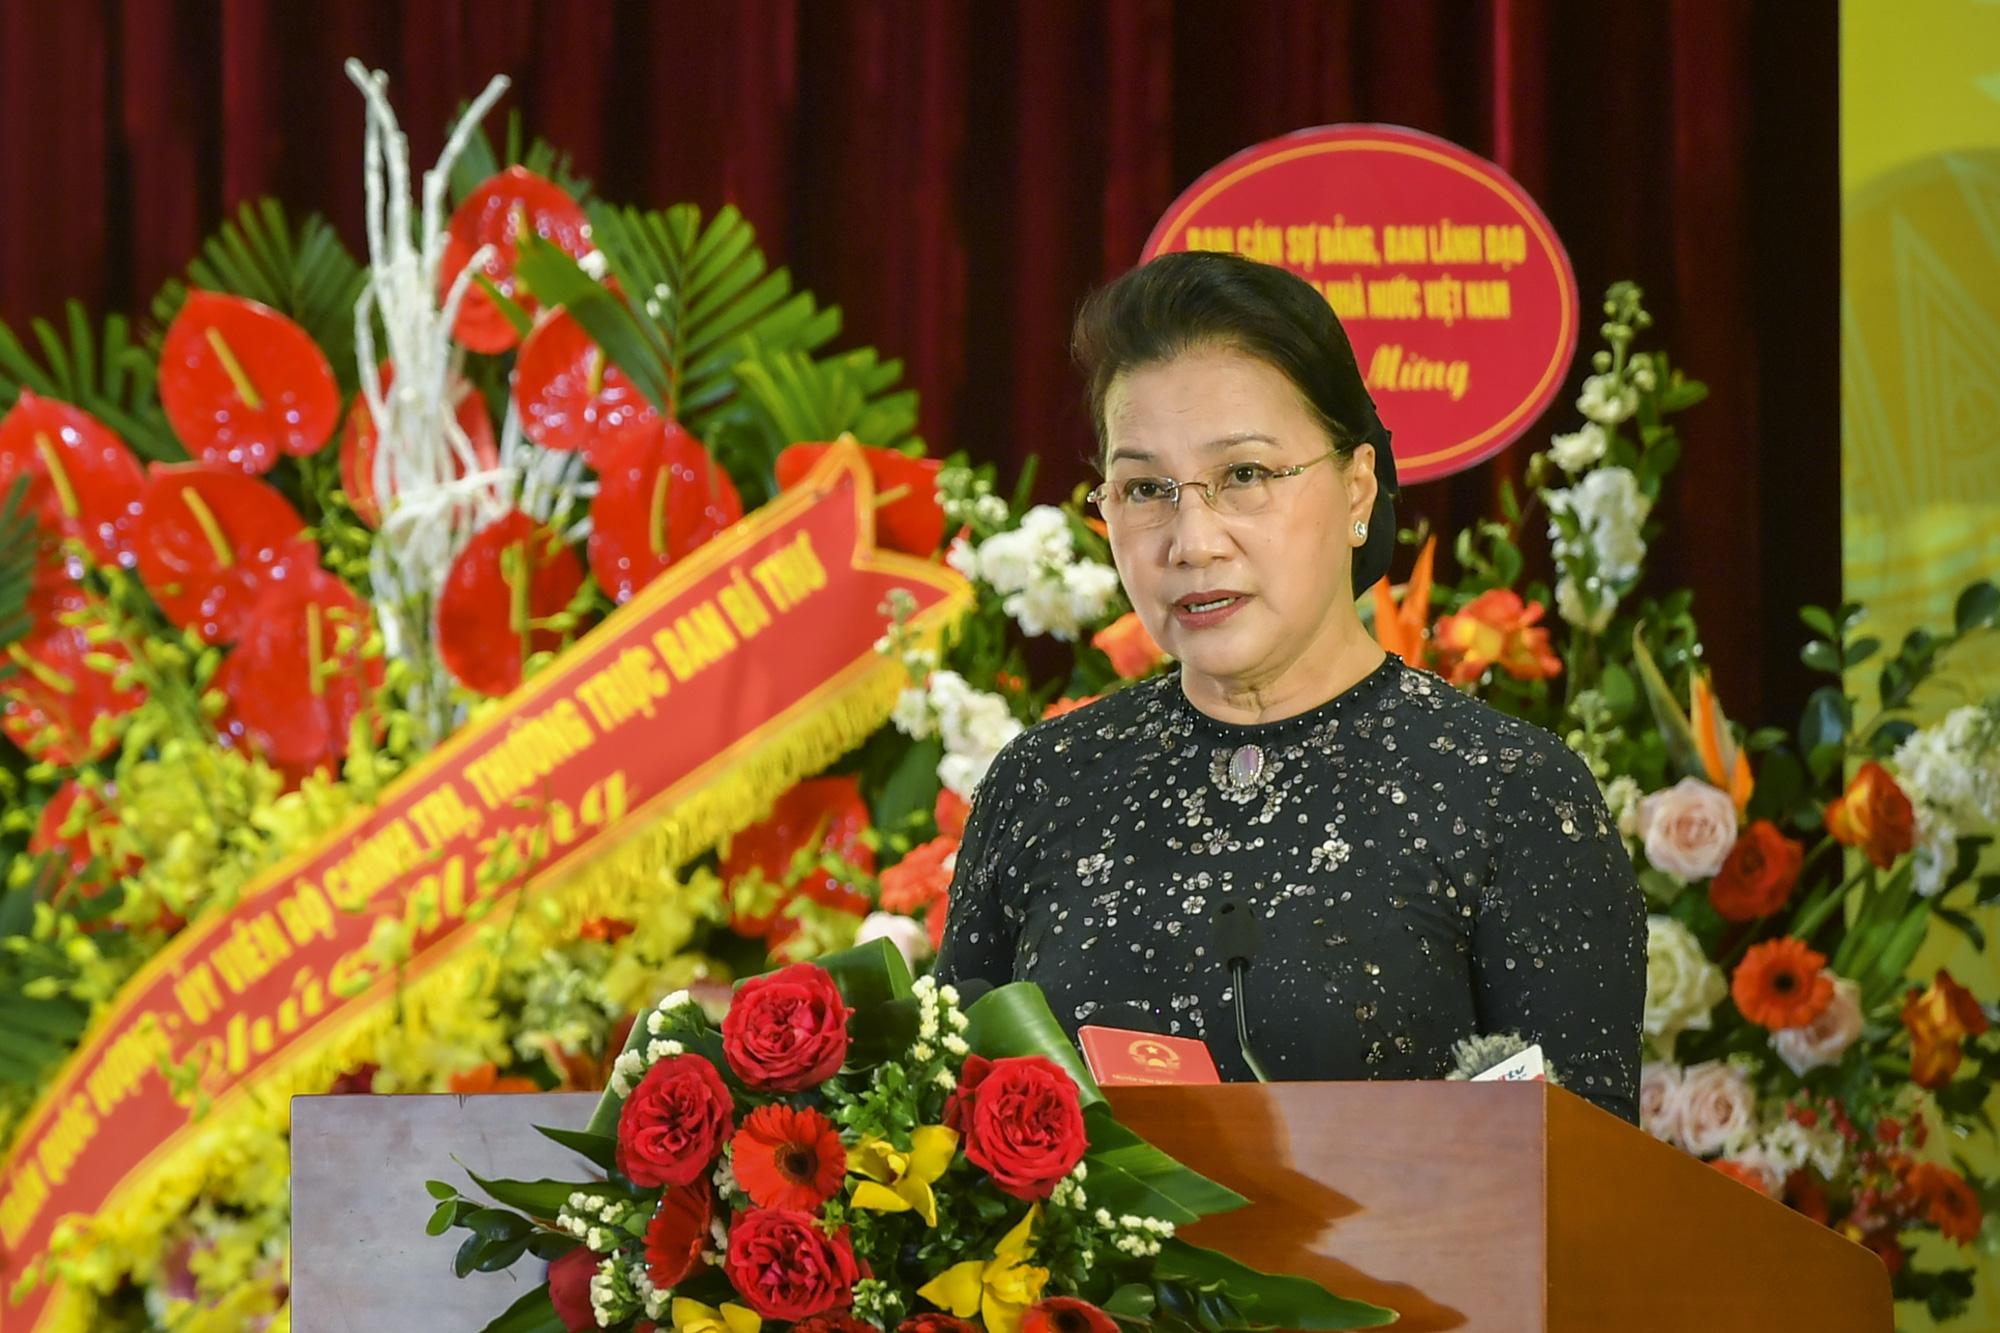 """Chủ tịch Quốc hội Nguyễn Thị Kim Ngân: """"Nhiệm vụ của ngành ngân hàng còn rất nặng nề"""" - Ảnh 4."""